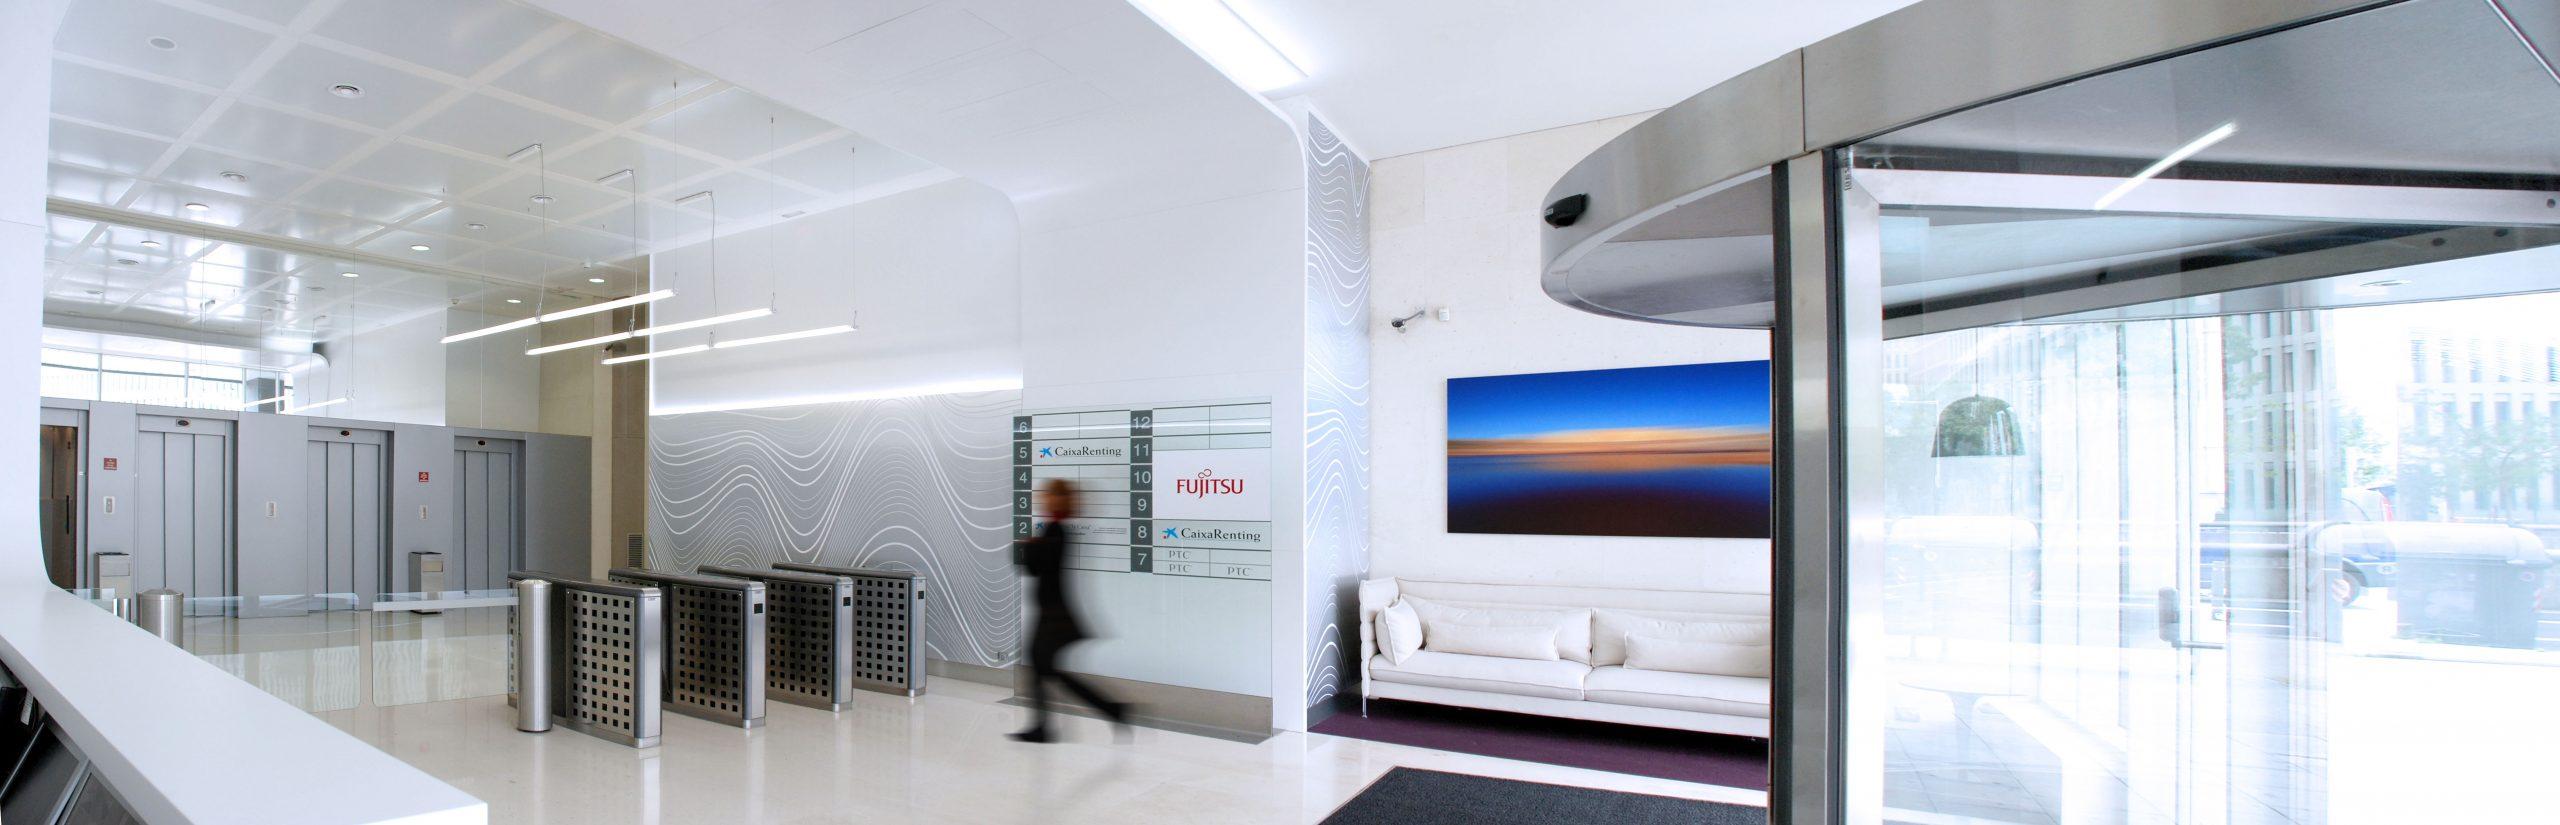 diseno_interior_recepcion_edificio_oficinas